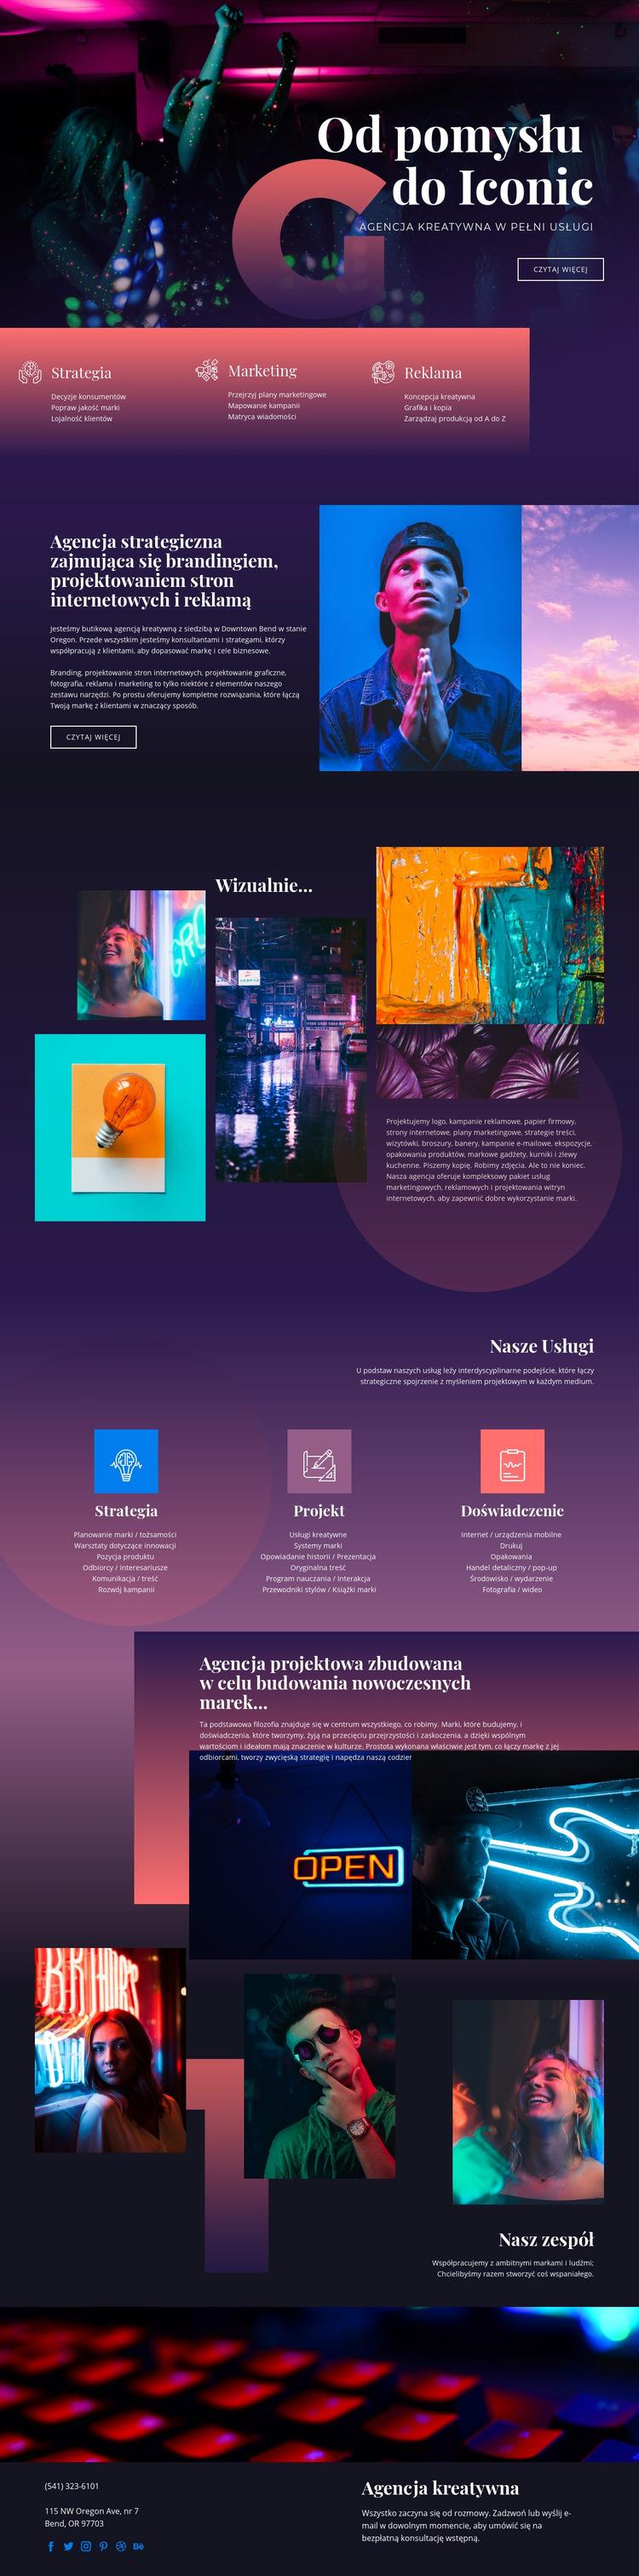 Kultowe idee sztuki Szablon witryny sieci Web